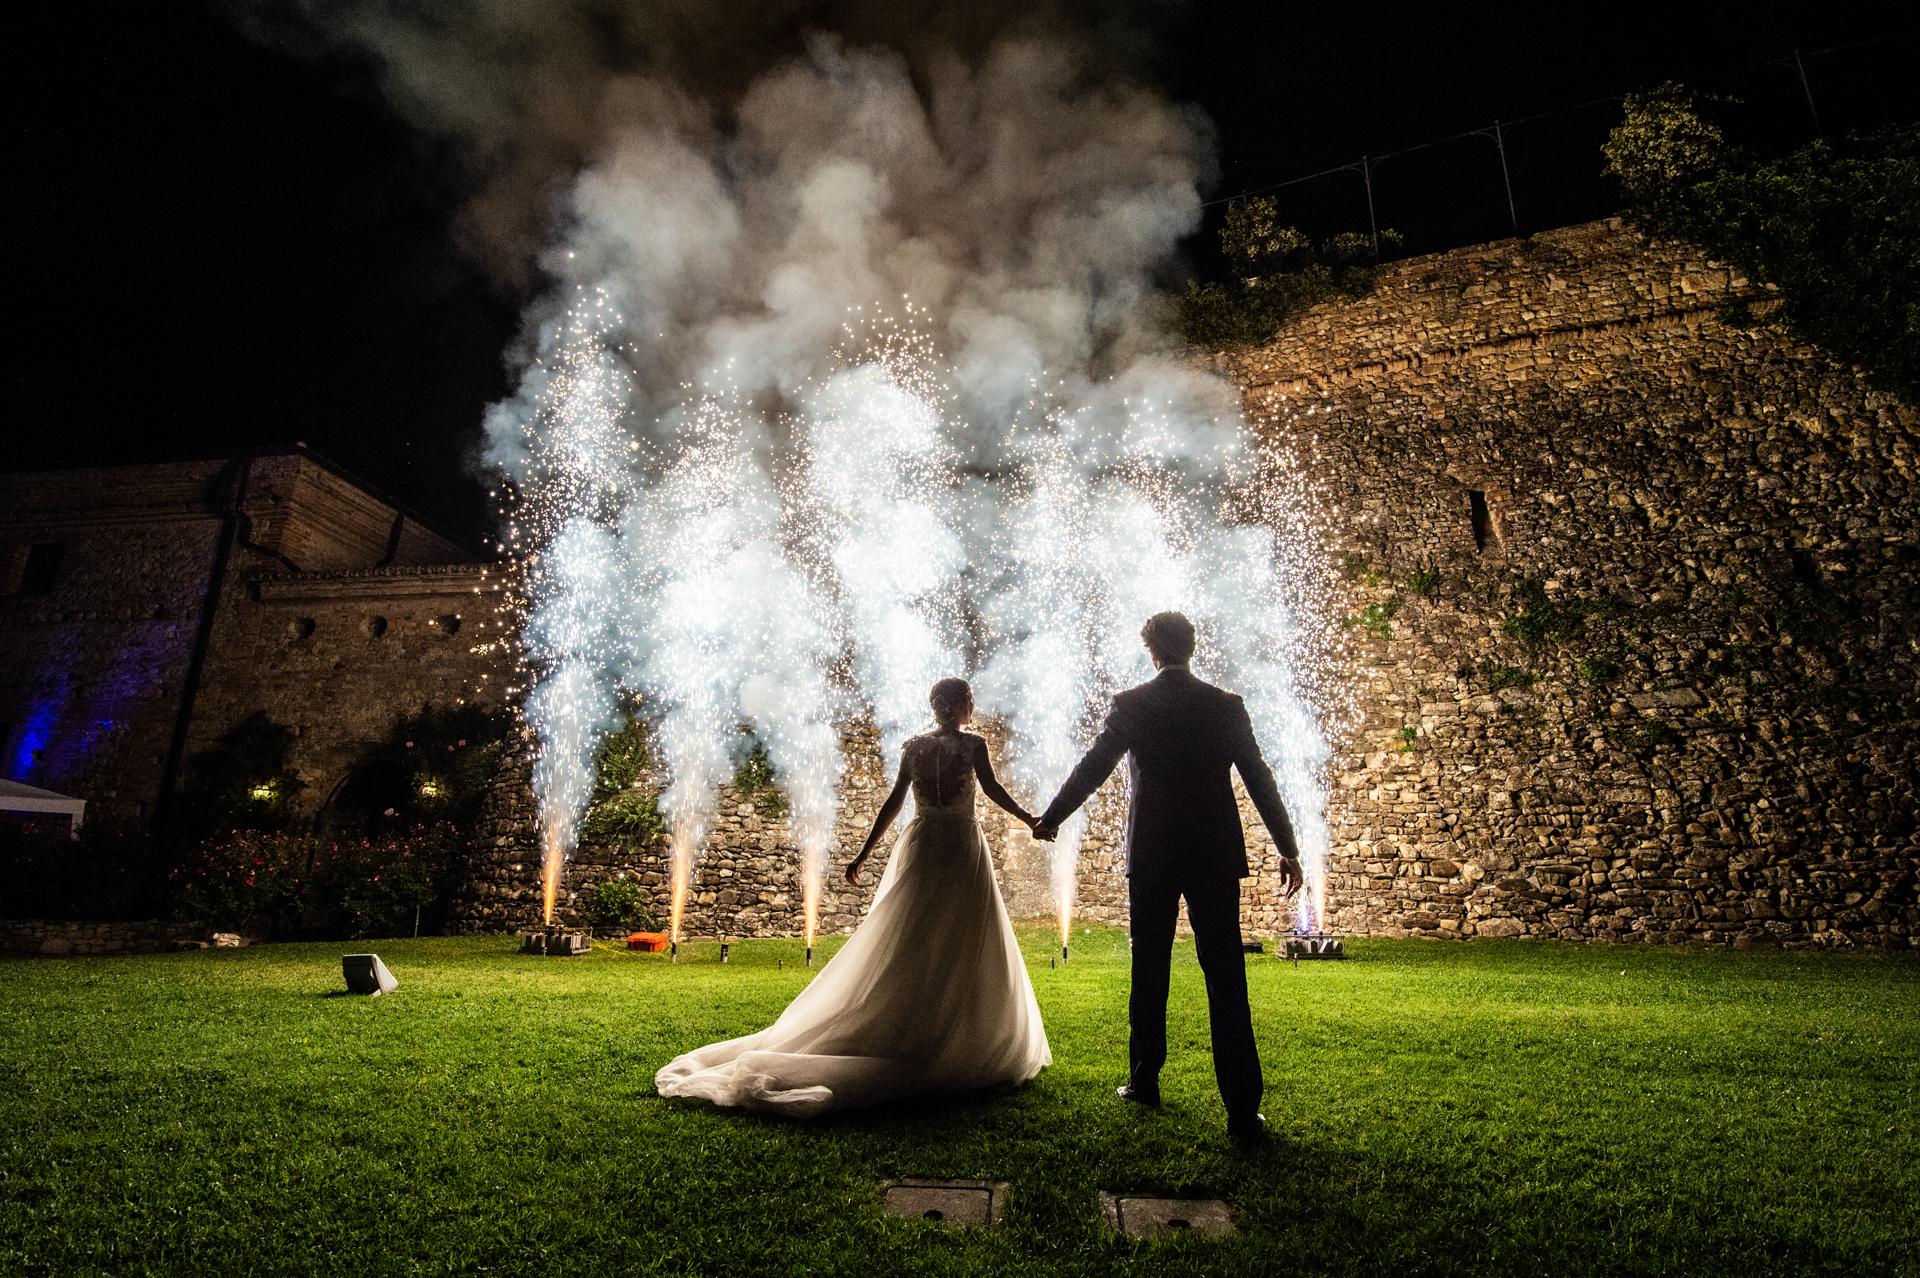 fotografo-matrimonio-parma-19.JPG